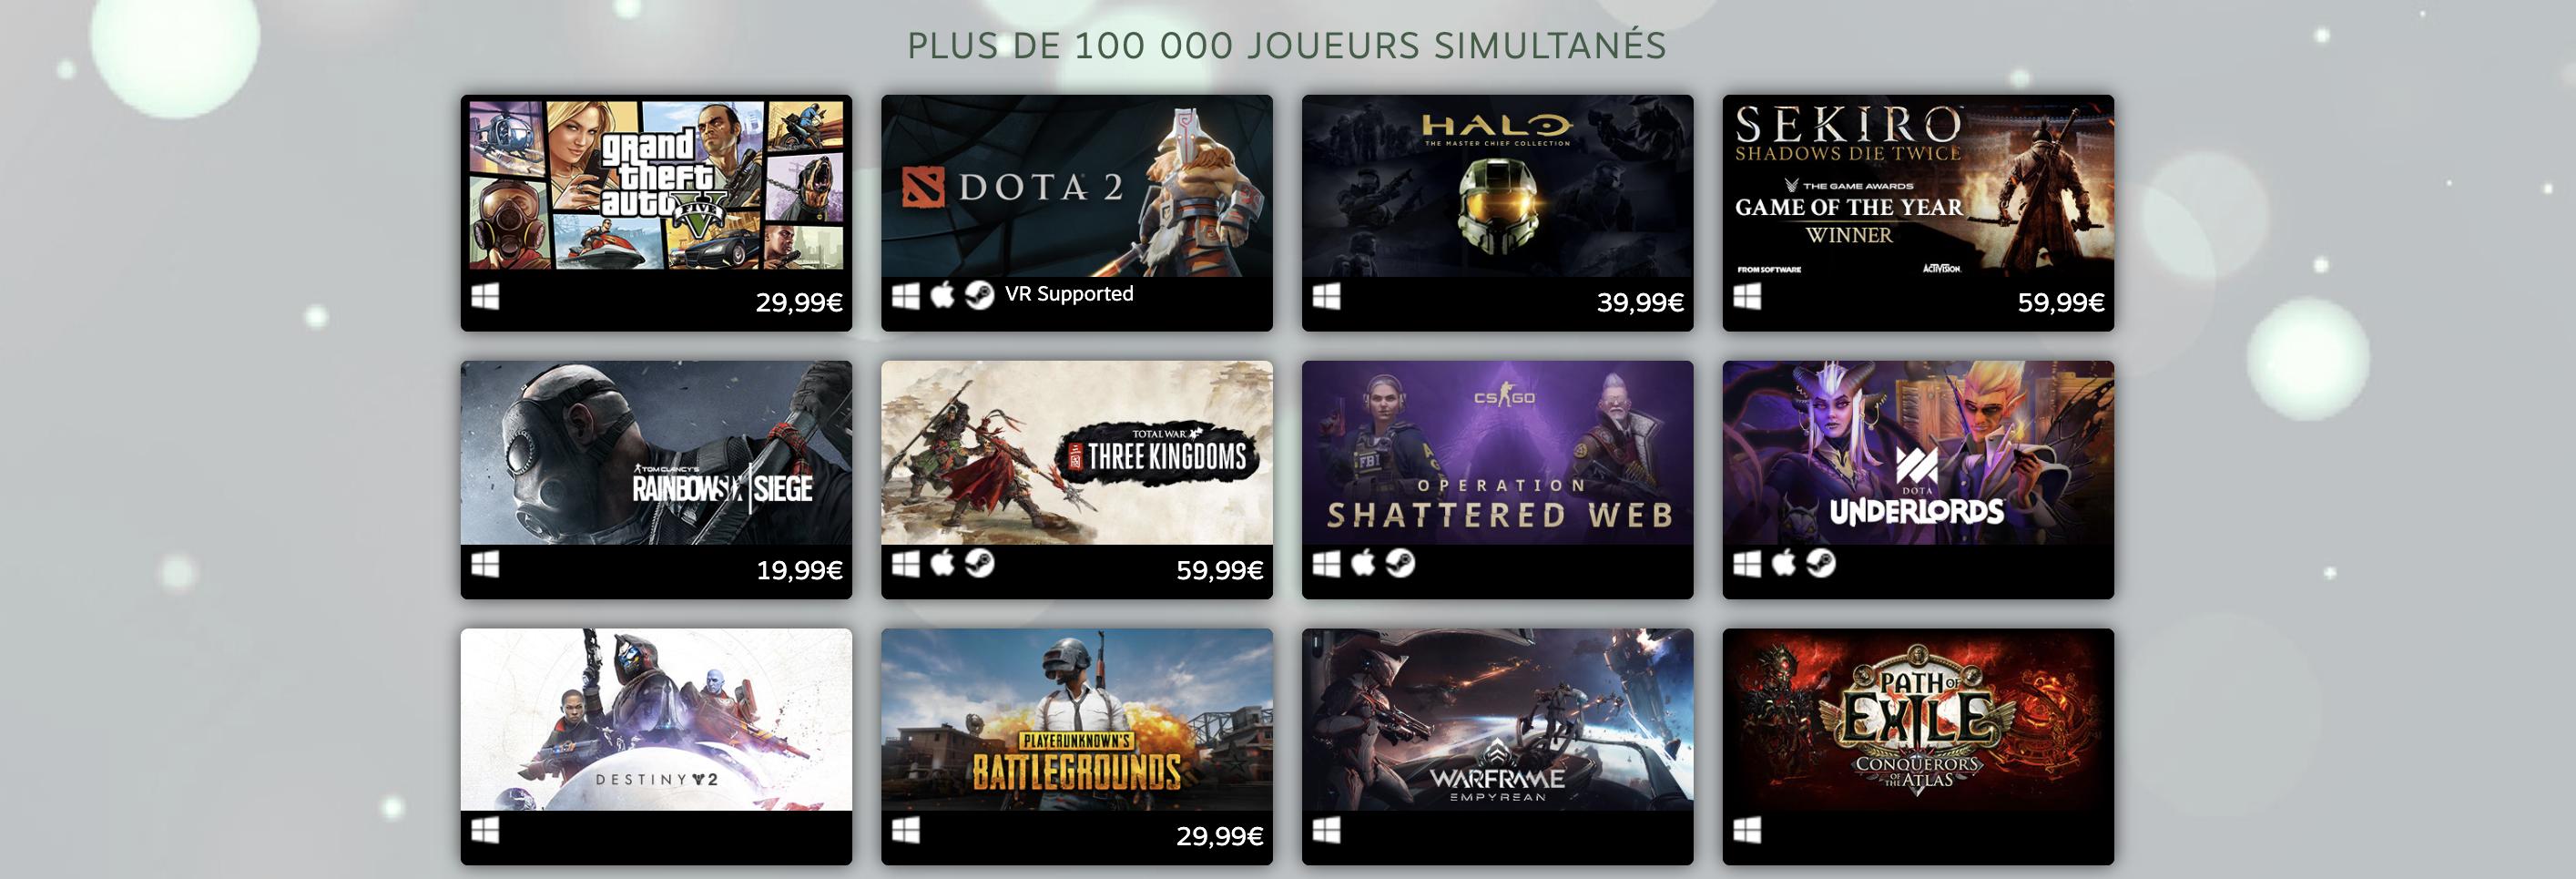 Top Jeux Steam GTA V 100000 joueurs